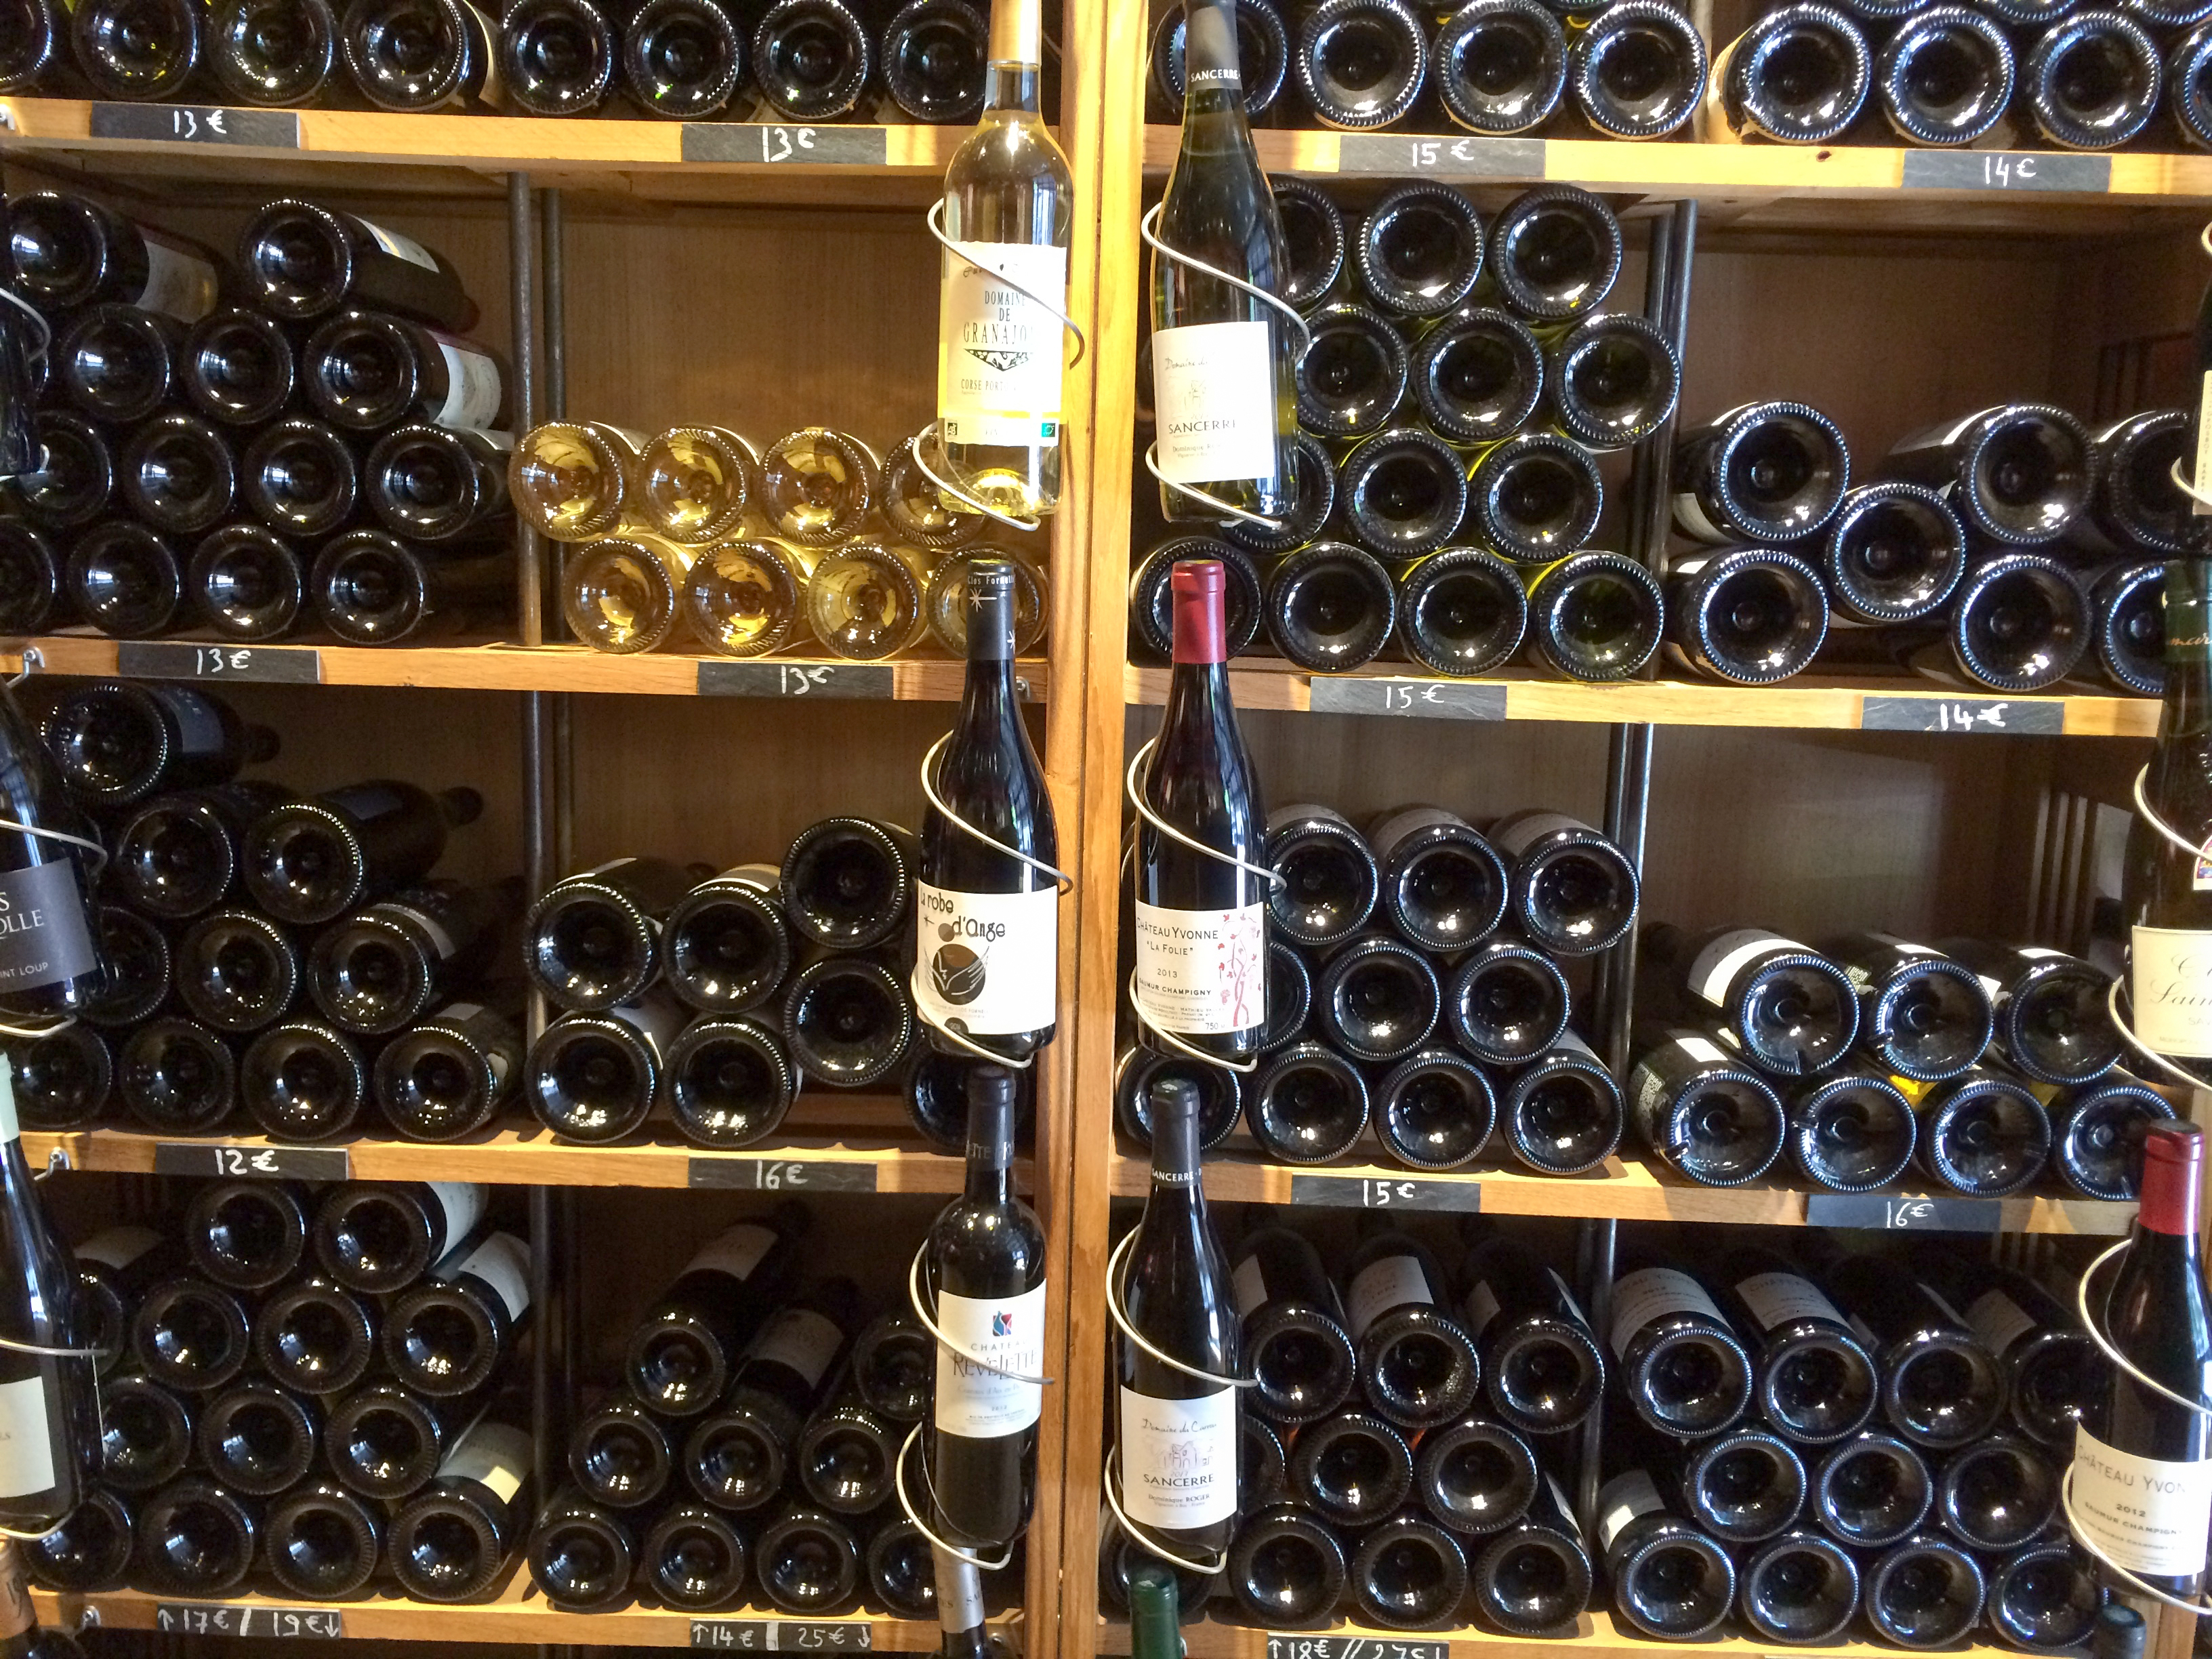 vin qui parle | parisbymouth.com